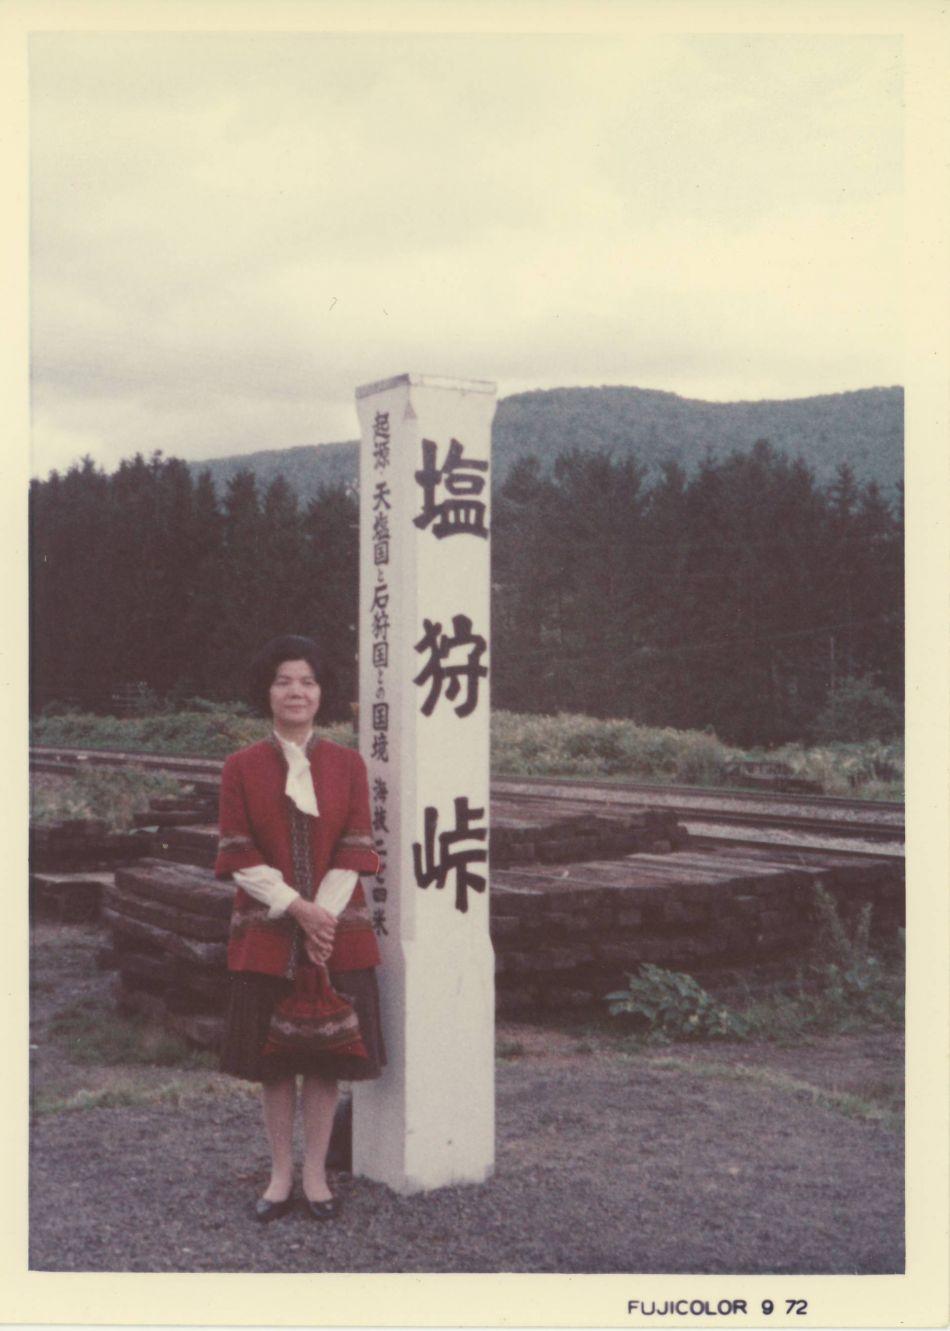 『塩狩峠』50年 「三浦文学でまちおこし」(1)